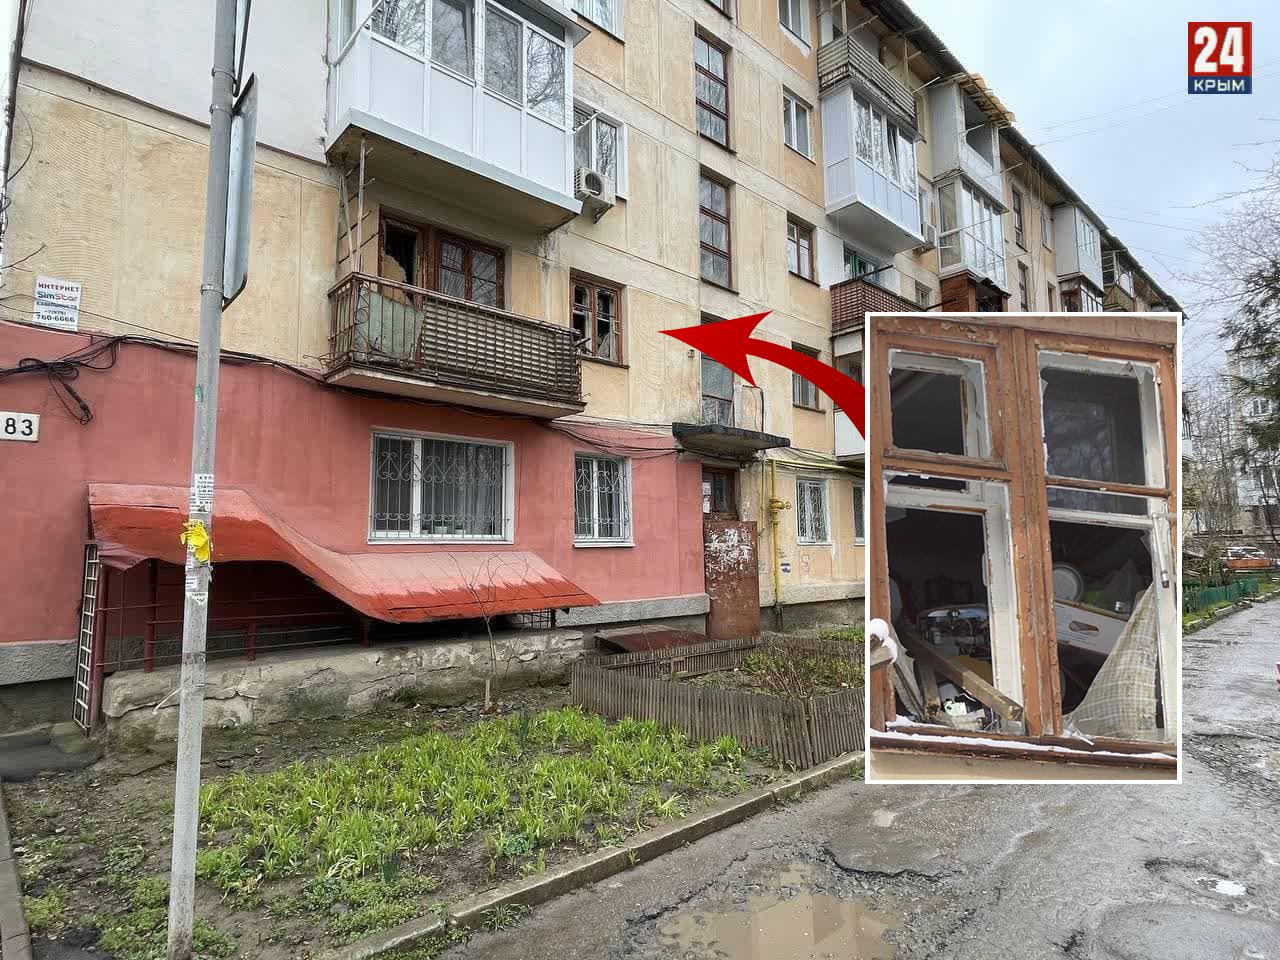 «На потолке выступил трупный яд»: в Симферополе умер старик, заваливший свою квартиру мусором